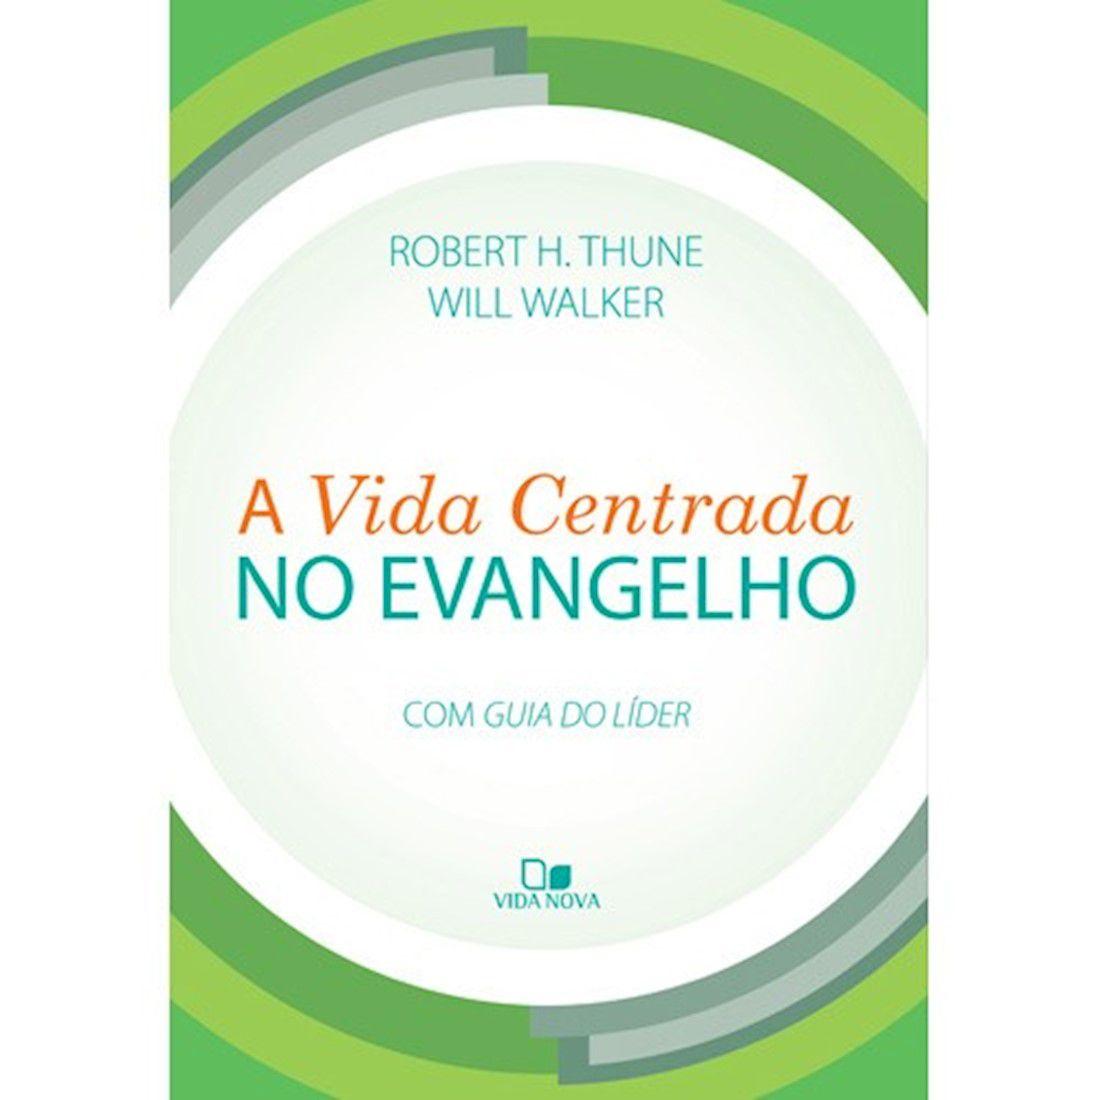 Livro A Vida Centrada no Evangelho